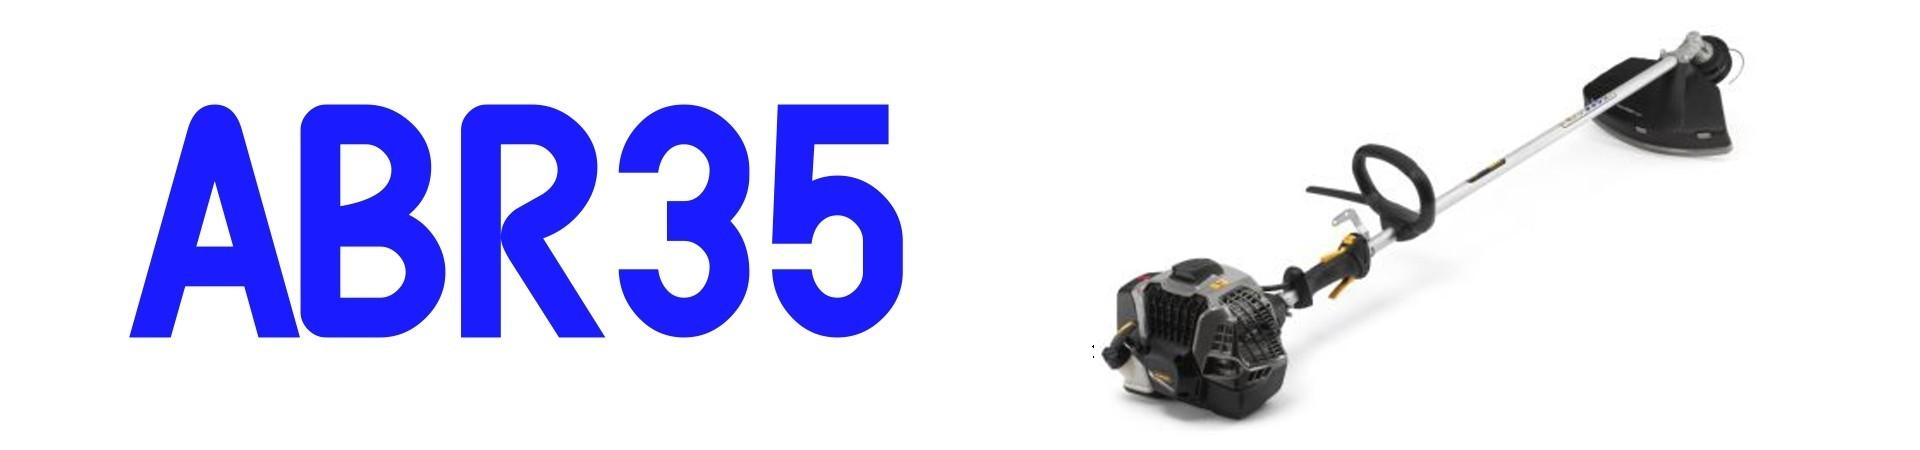 RECAMBIOS Desbrozadora Alpina ABR35 al Mejor PRECIO